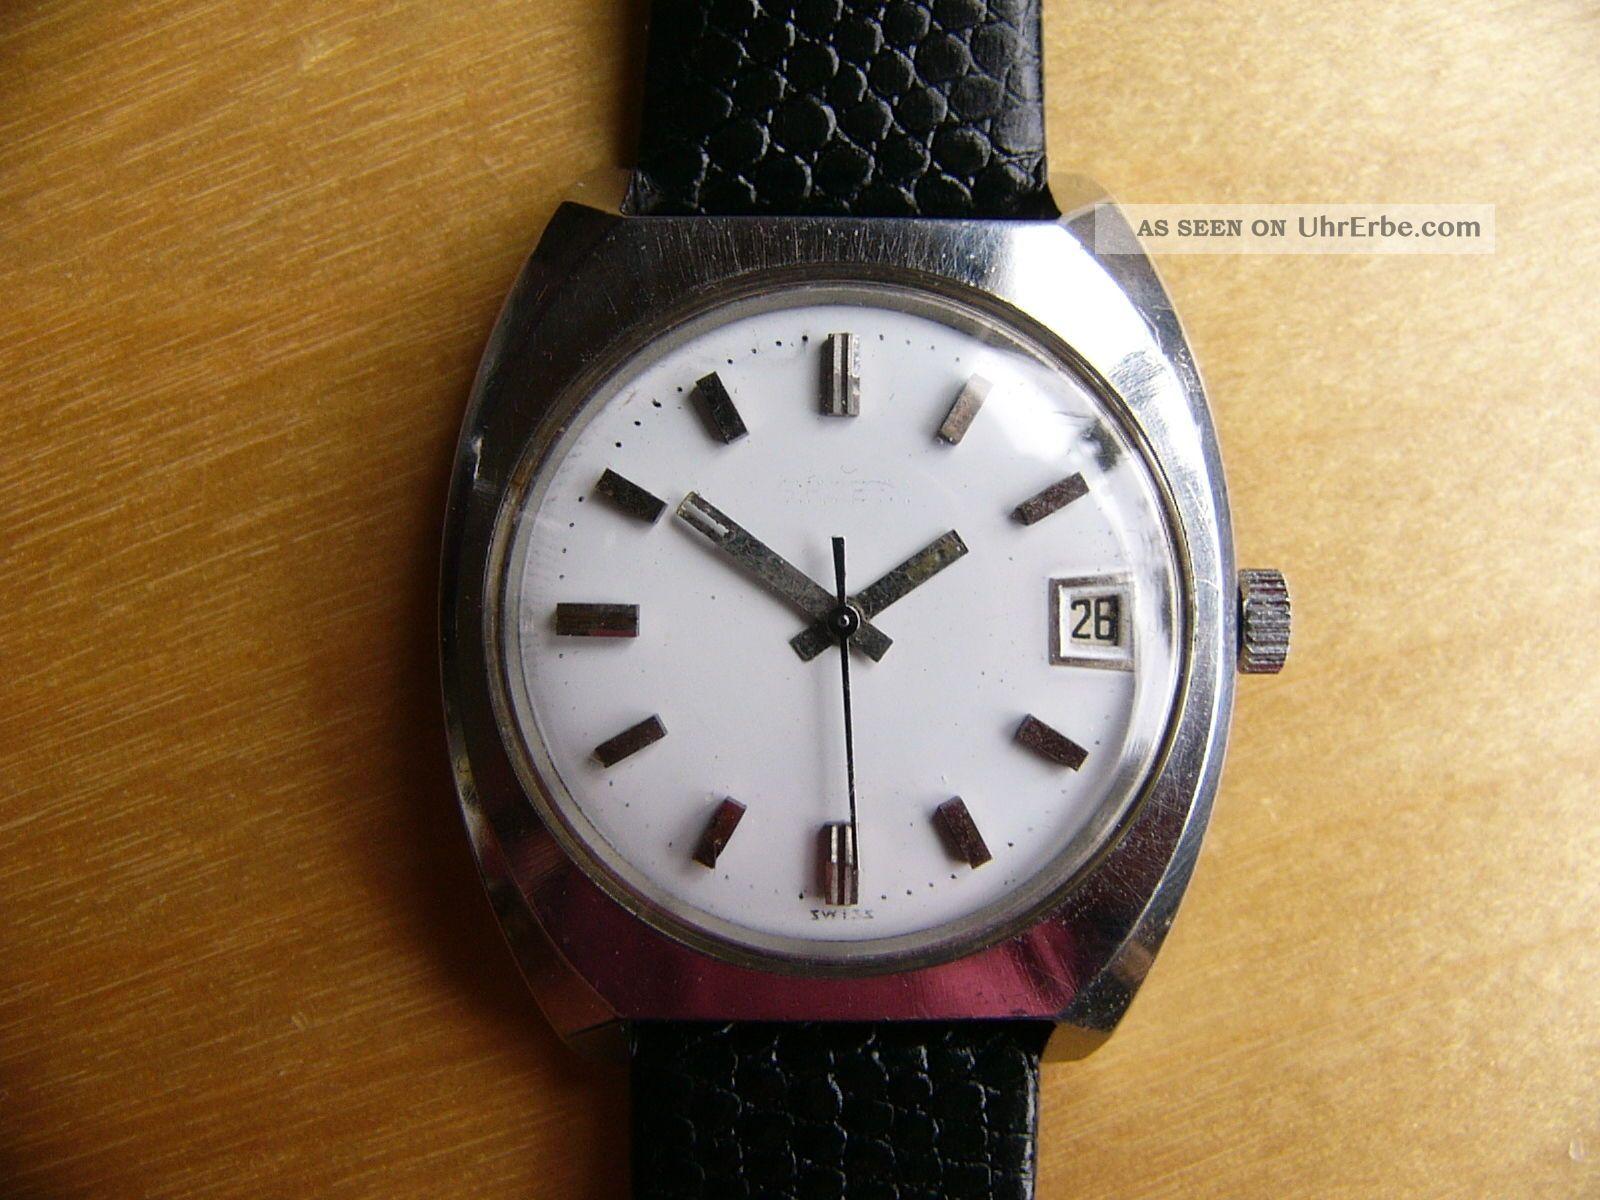 Herrenarmbanduhr Gruen Precision,  Automatic,  Kal.  Gruen 730 Ca,  60er/70er Jahre Armbanduhren Bild